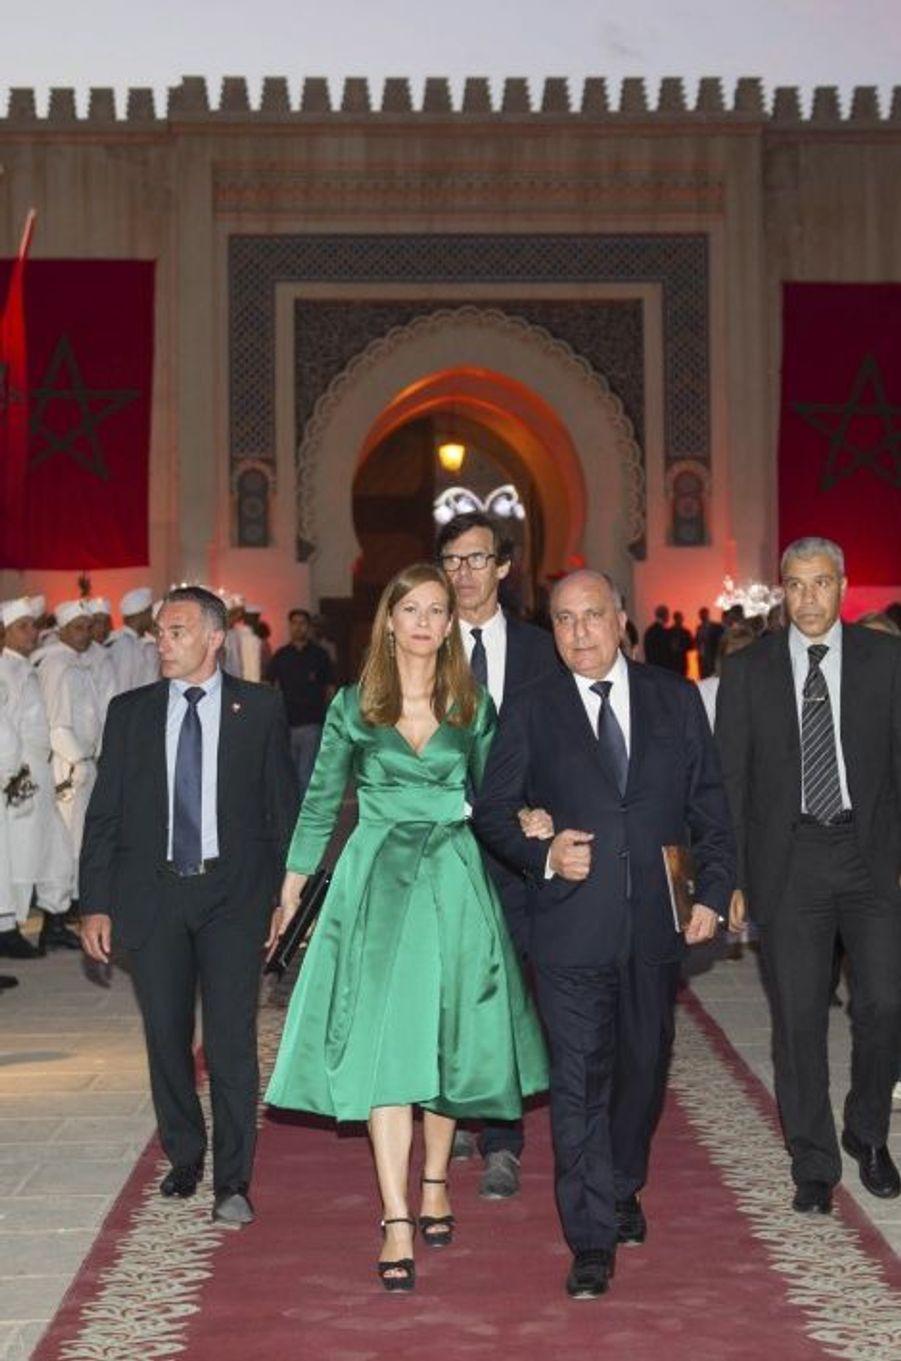 Arrivée au palais de la violoniste au bras de Zouhir Boudemagh, président de l'Alma Chamber Orchestra qu'elle dirige.